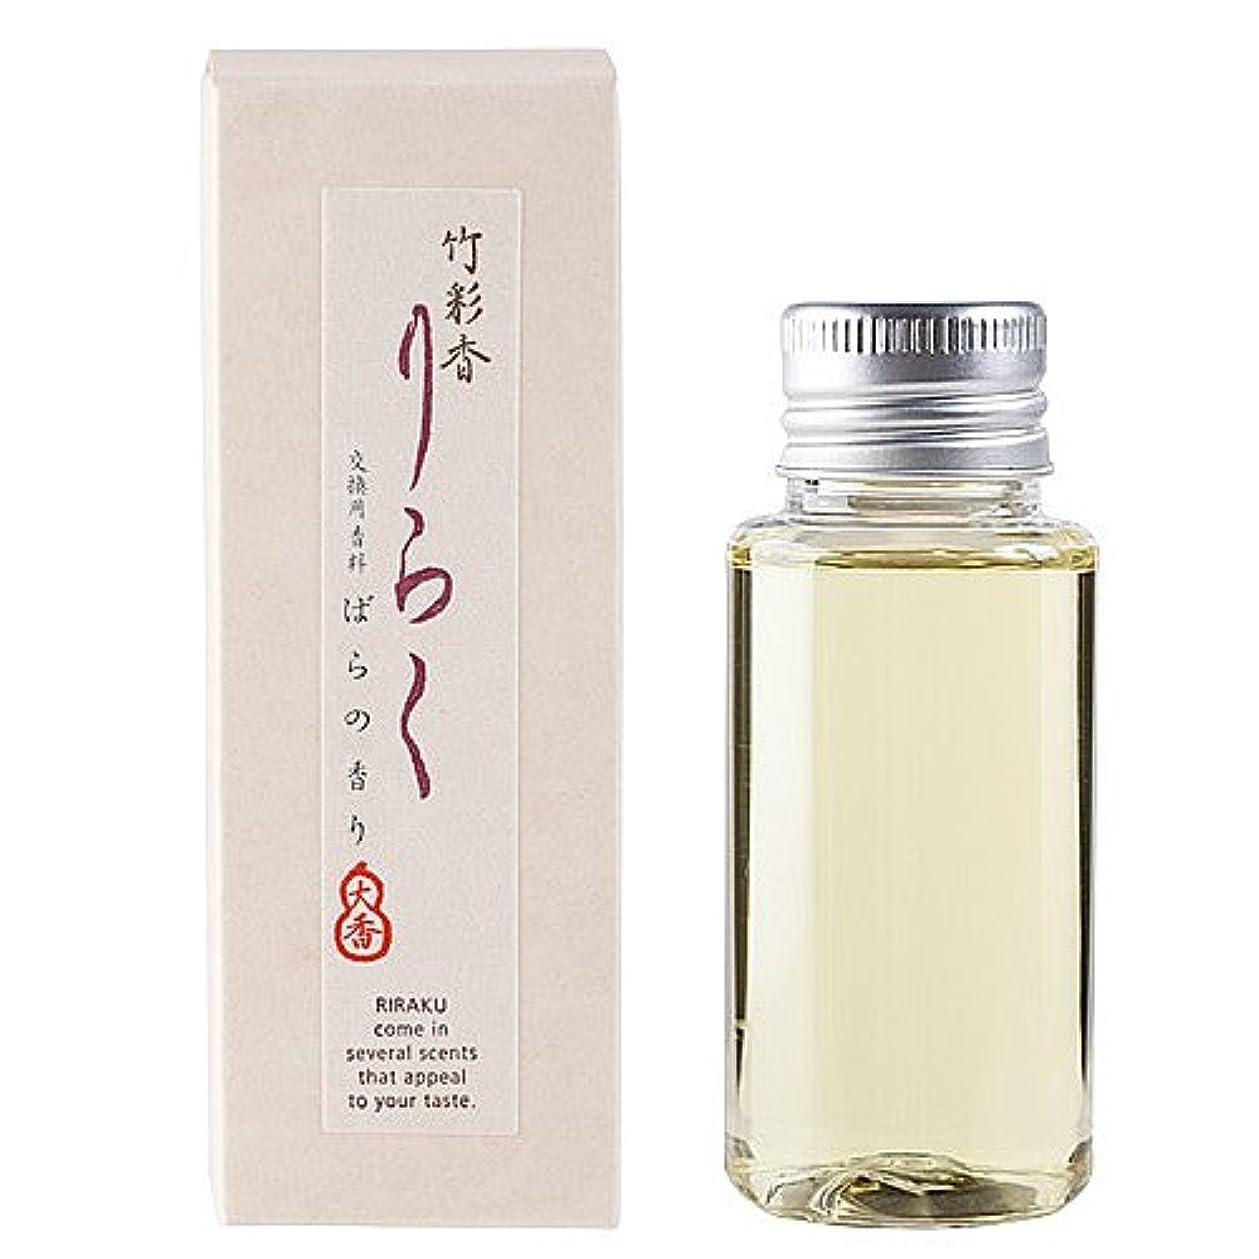 そよ風正当化する以下竹彩香りらく 交換用香料ばら 50ml